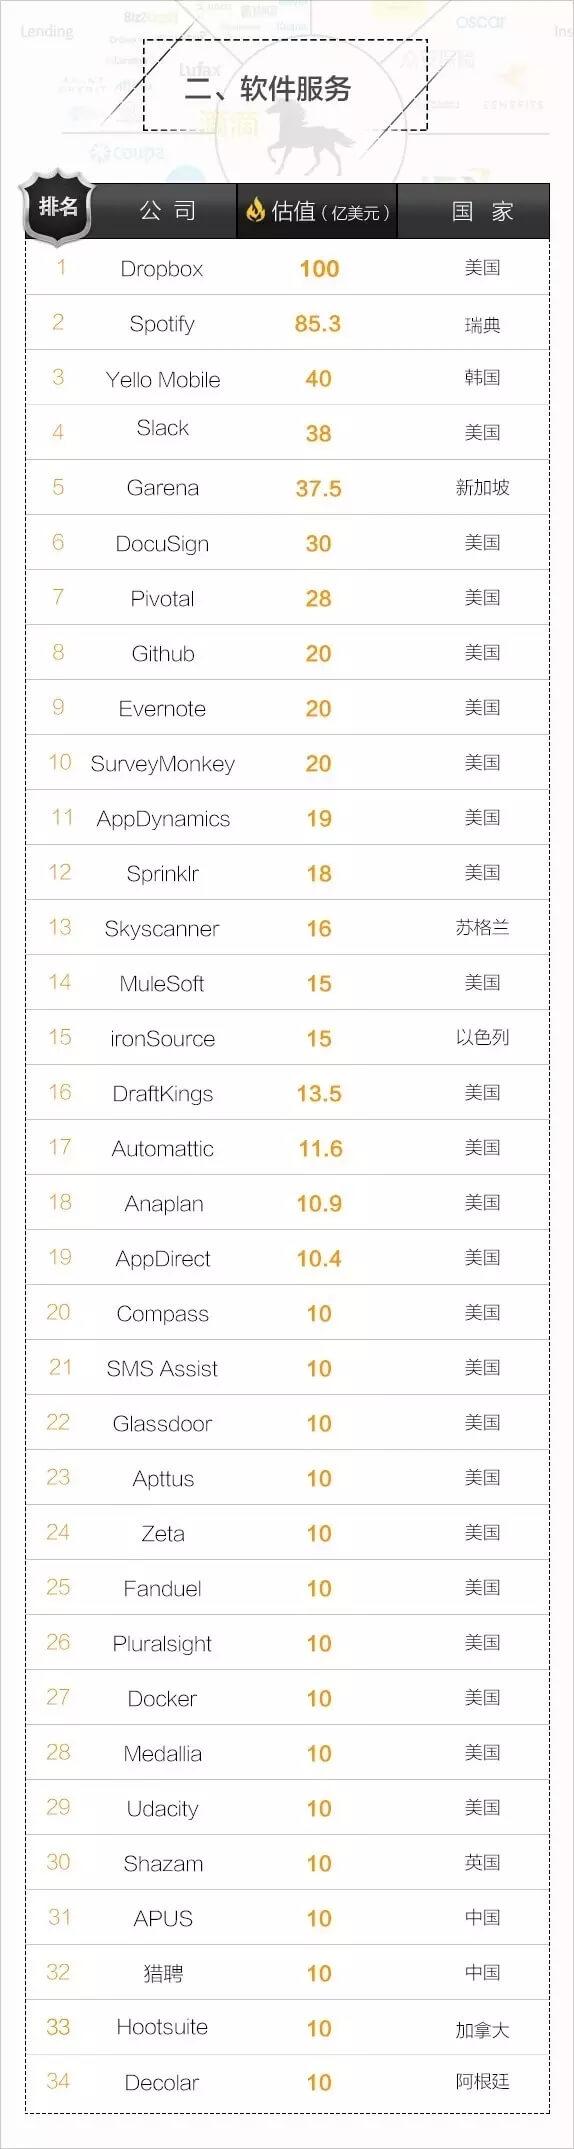 重磅!全球最新独角兽榜单出炉,中国哪些公司上榜了?